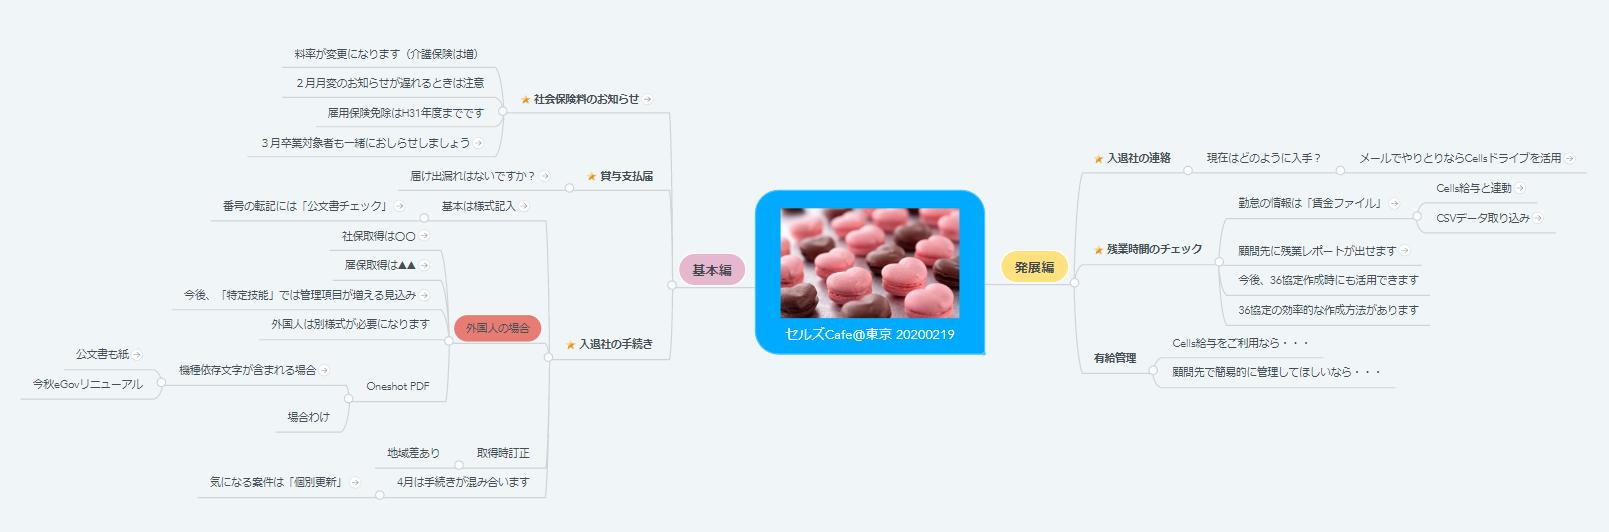 【開催報告】セルズCafé『台帳』活用座談会@銀座 (2020.2.19)